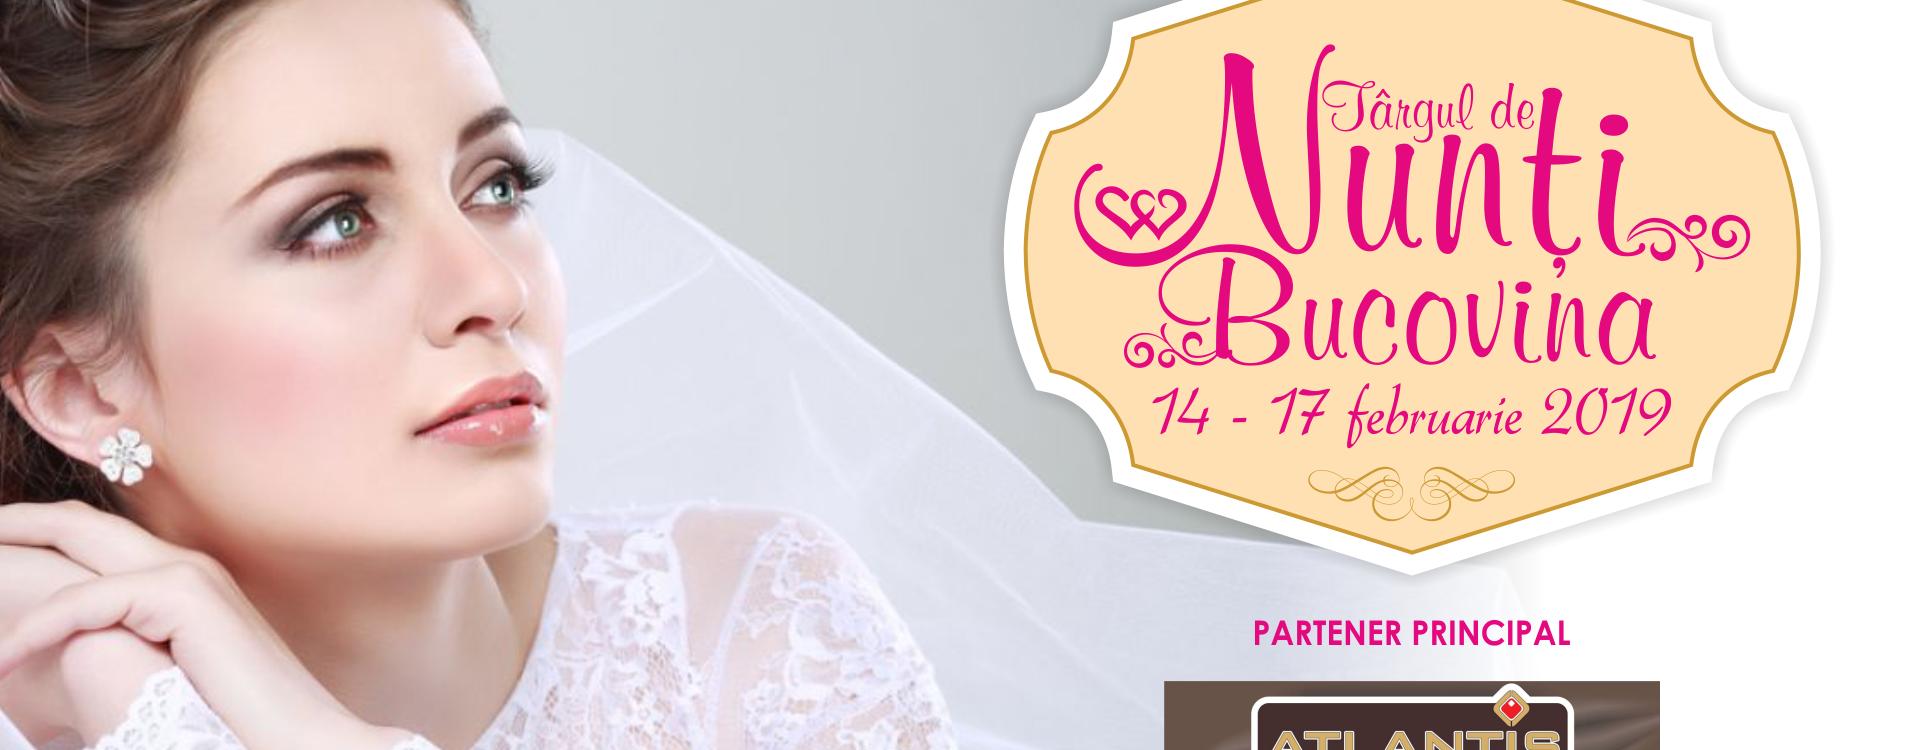 Targul de nunti Bucovina 2019